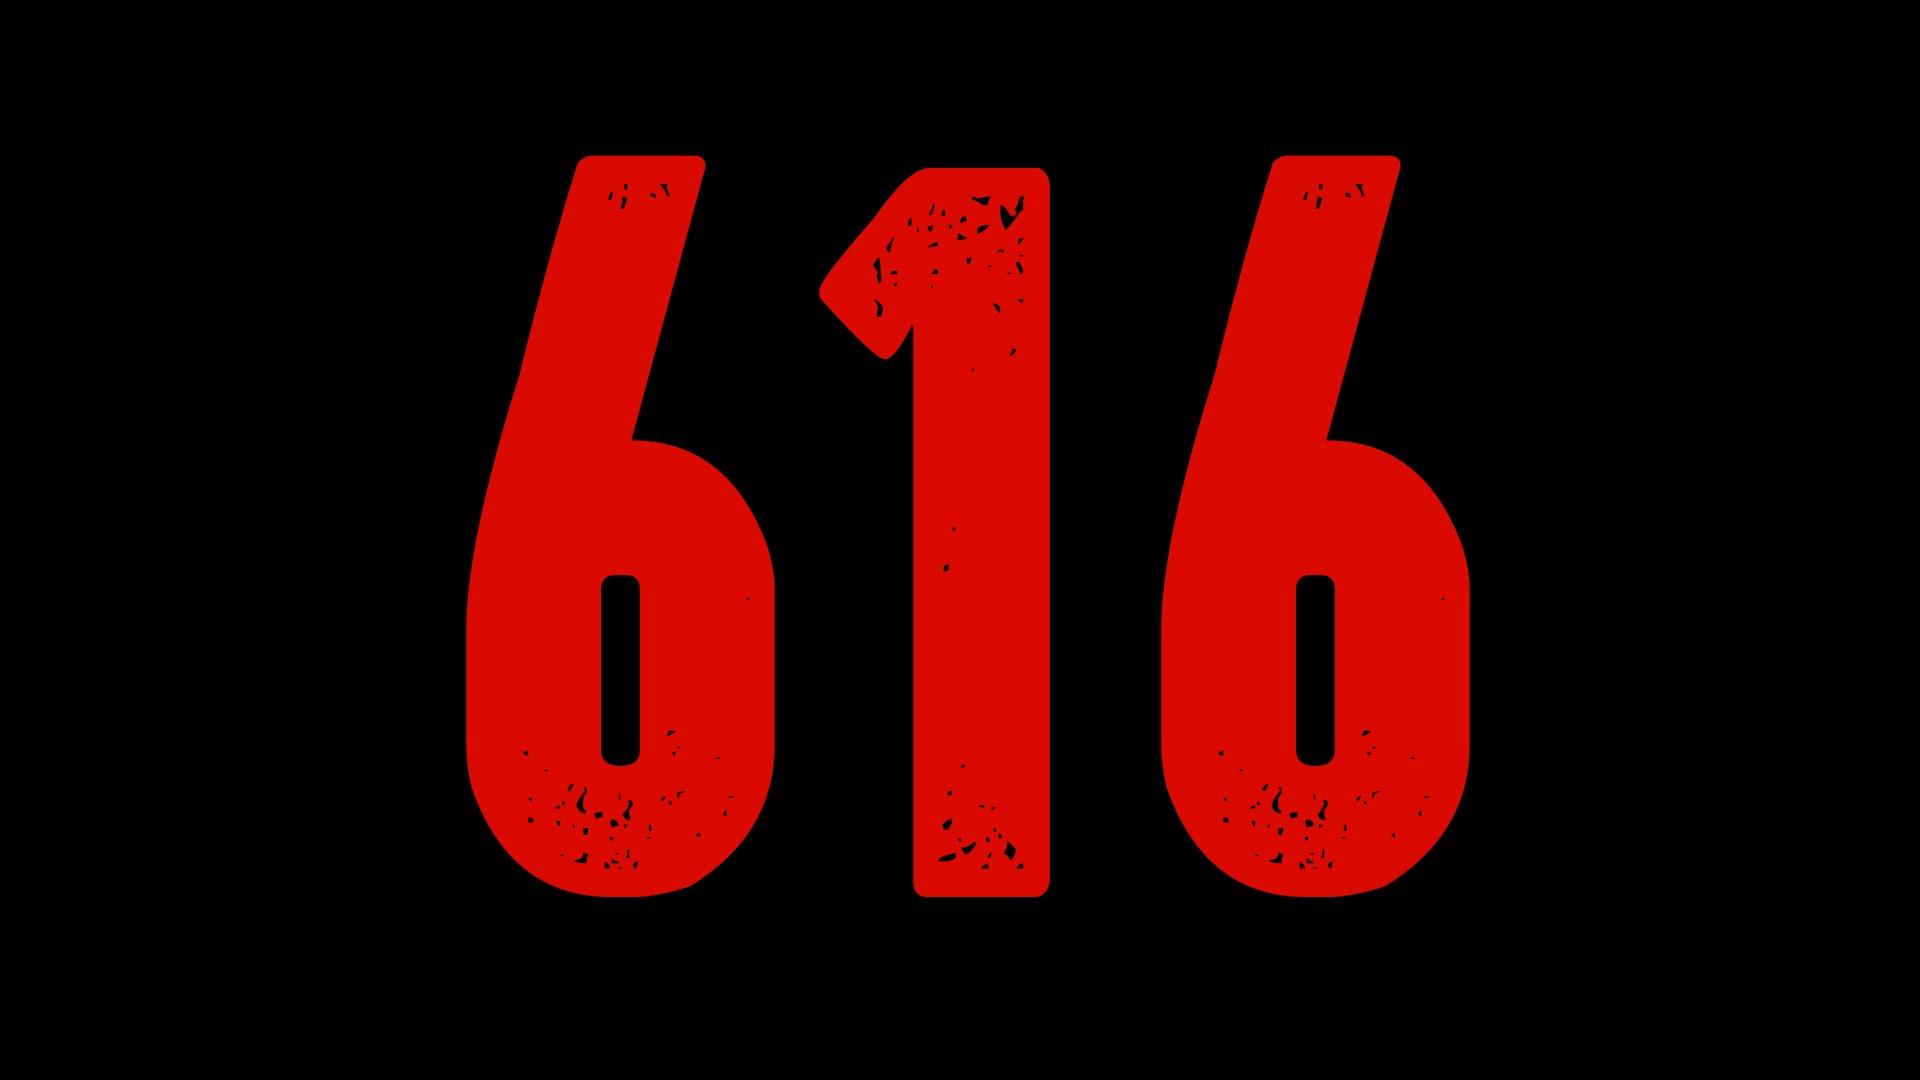 616 NUOVE ASSUNZIONI: 228 INFERMIERI, 250 OSS, 77 OSTETRICHE, 18 TECNICI  RADIOLOGI E 6 DI LABORATORIO, 34 MEDICI